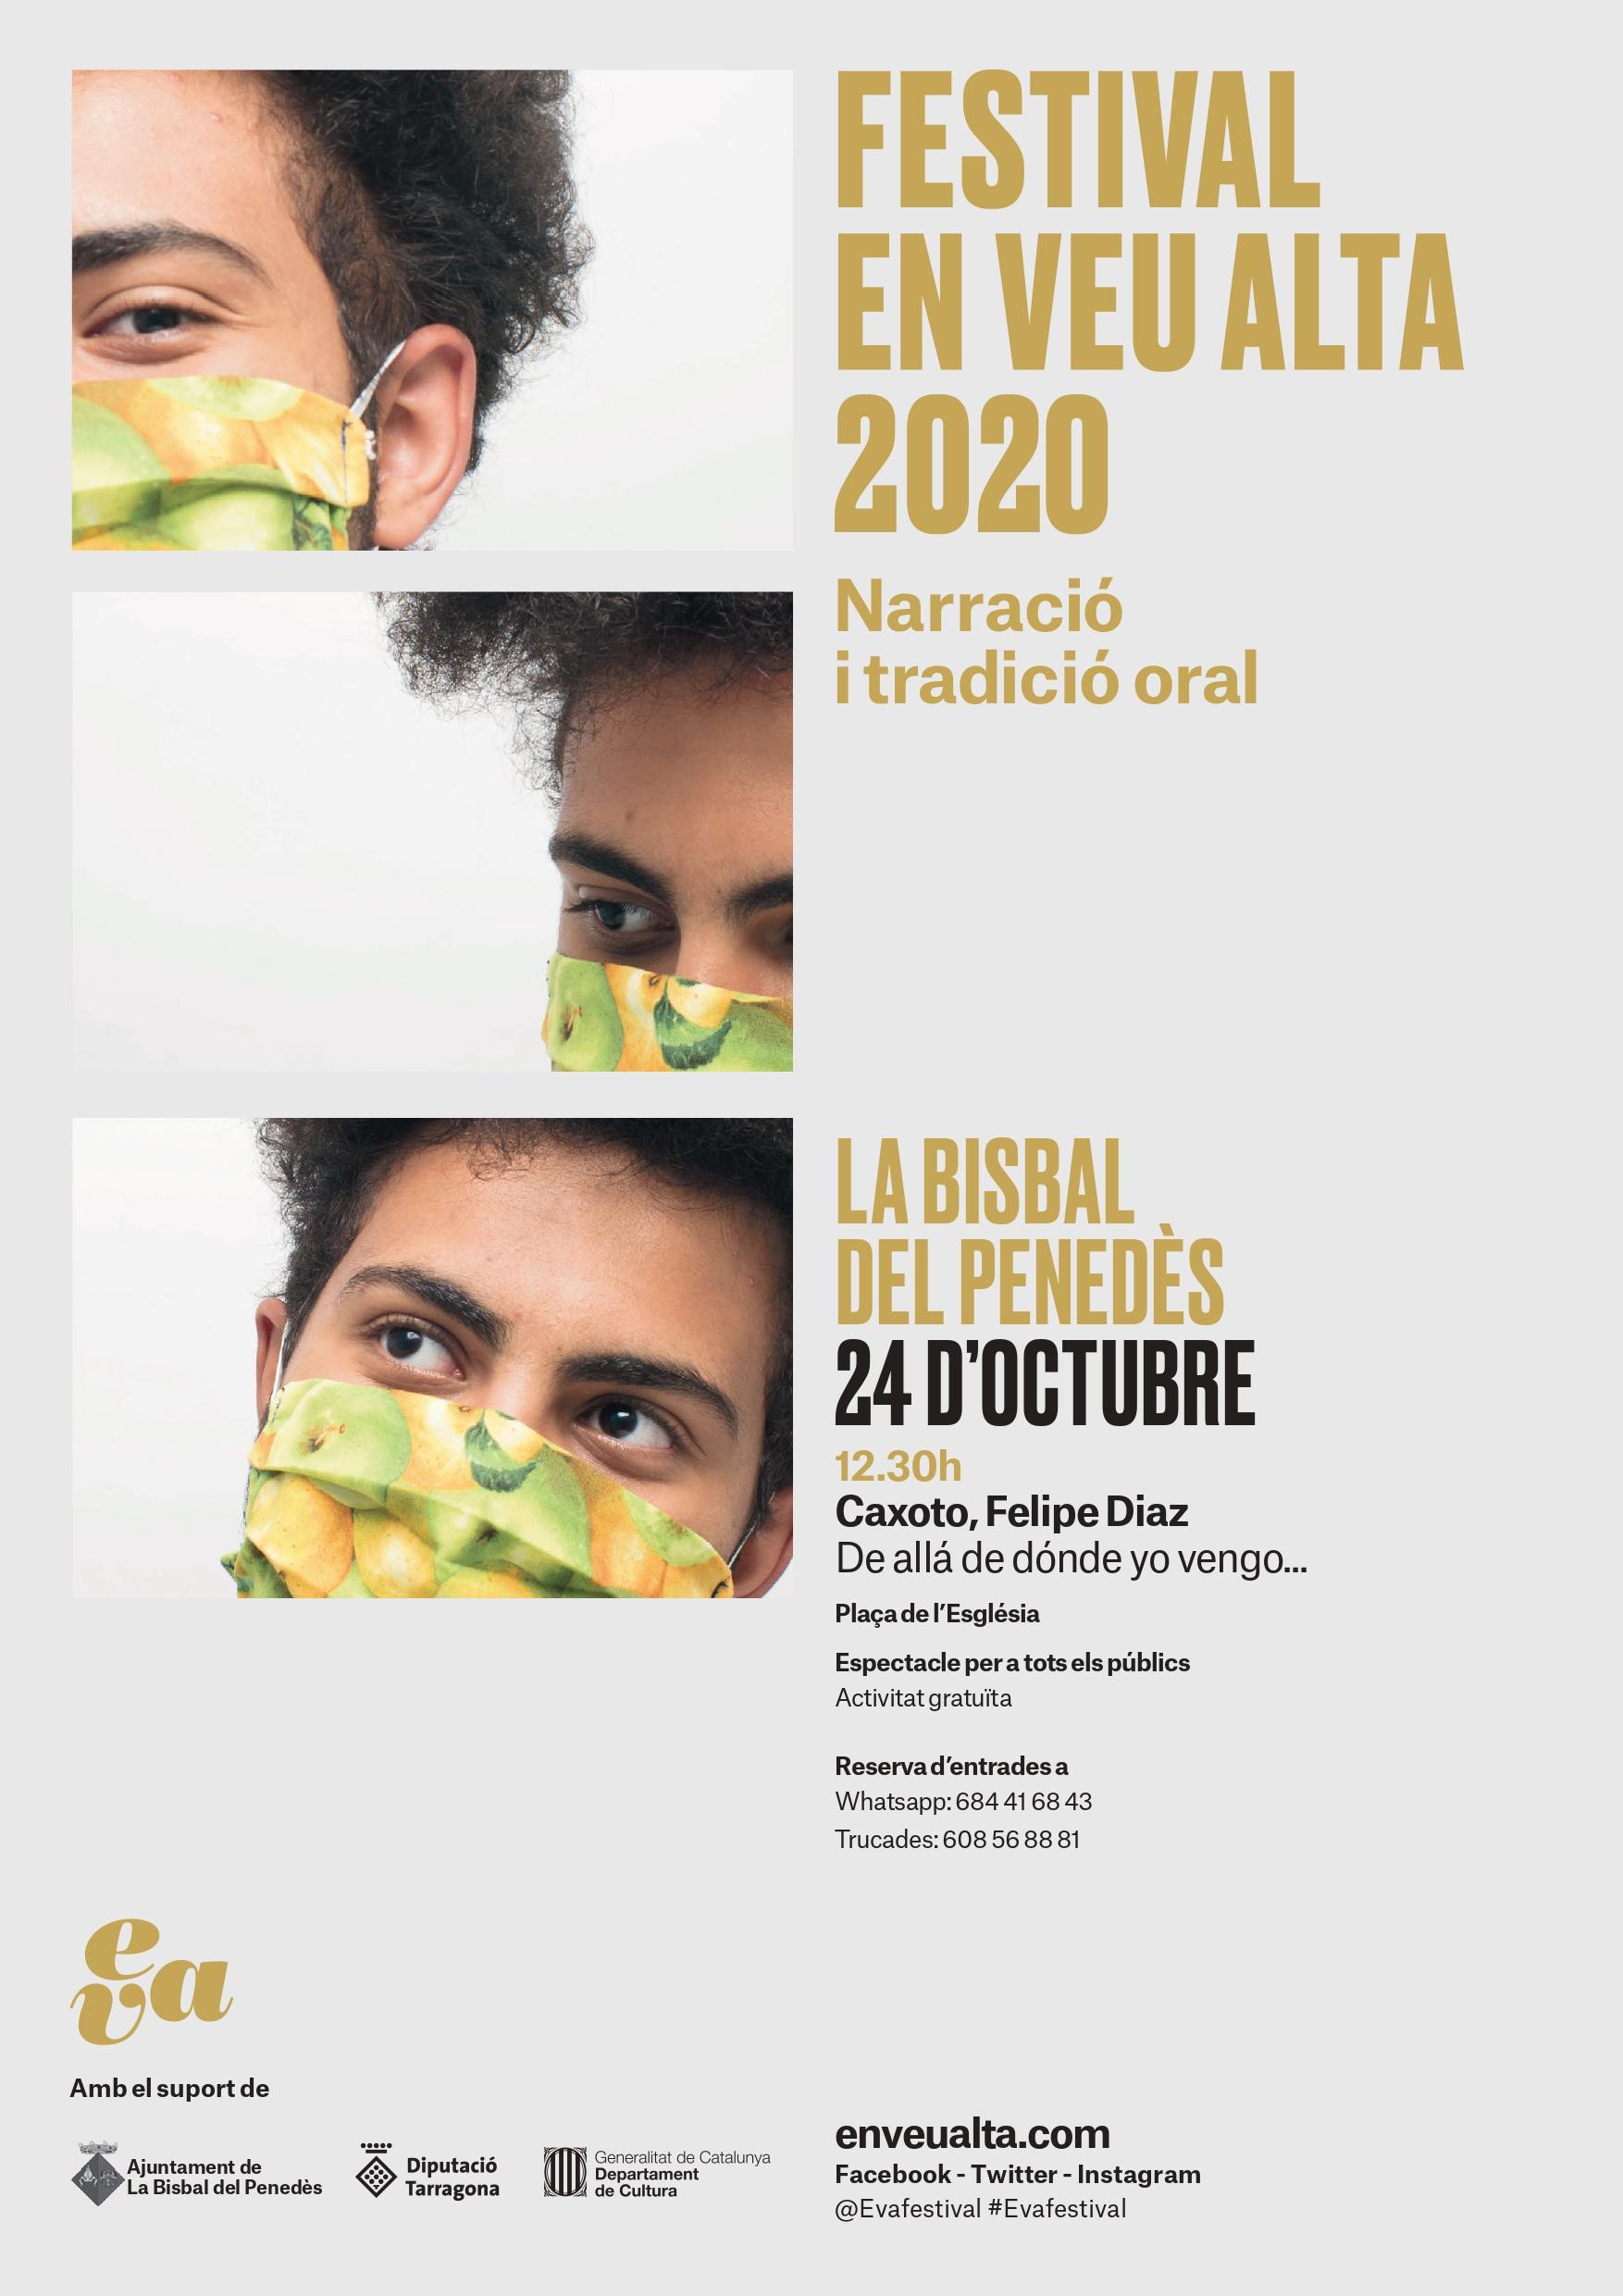 El dissabte 24 d'octubre a les 12:30h tindrà lloc un contacontes per a adults a la Plaça de l'Església en el marc del Festival EVA